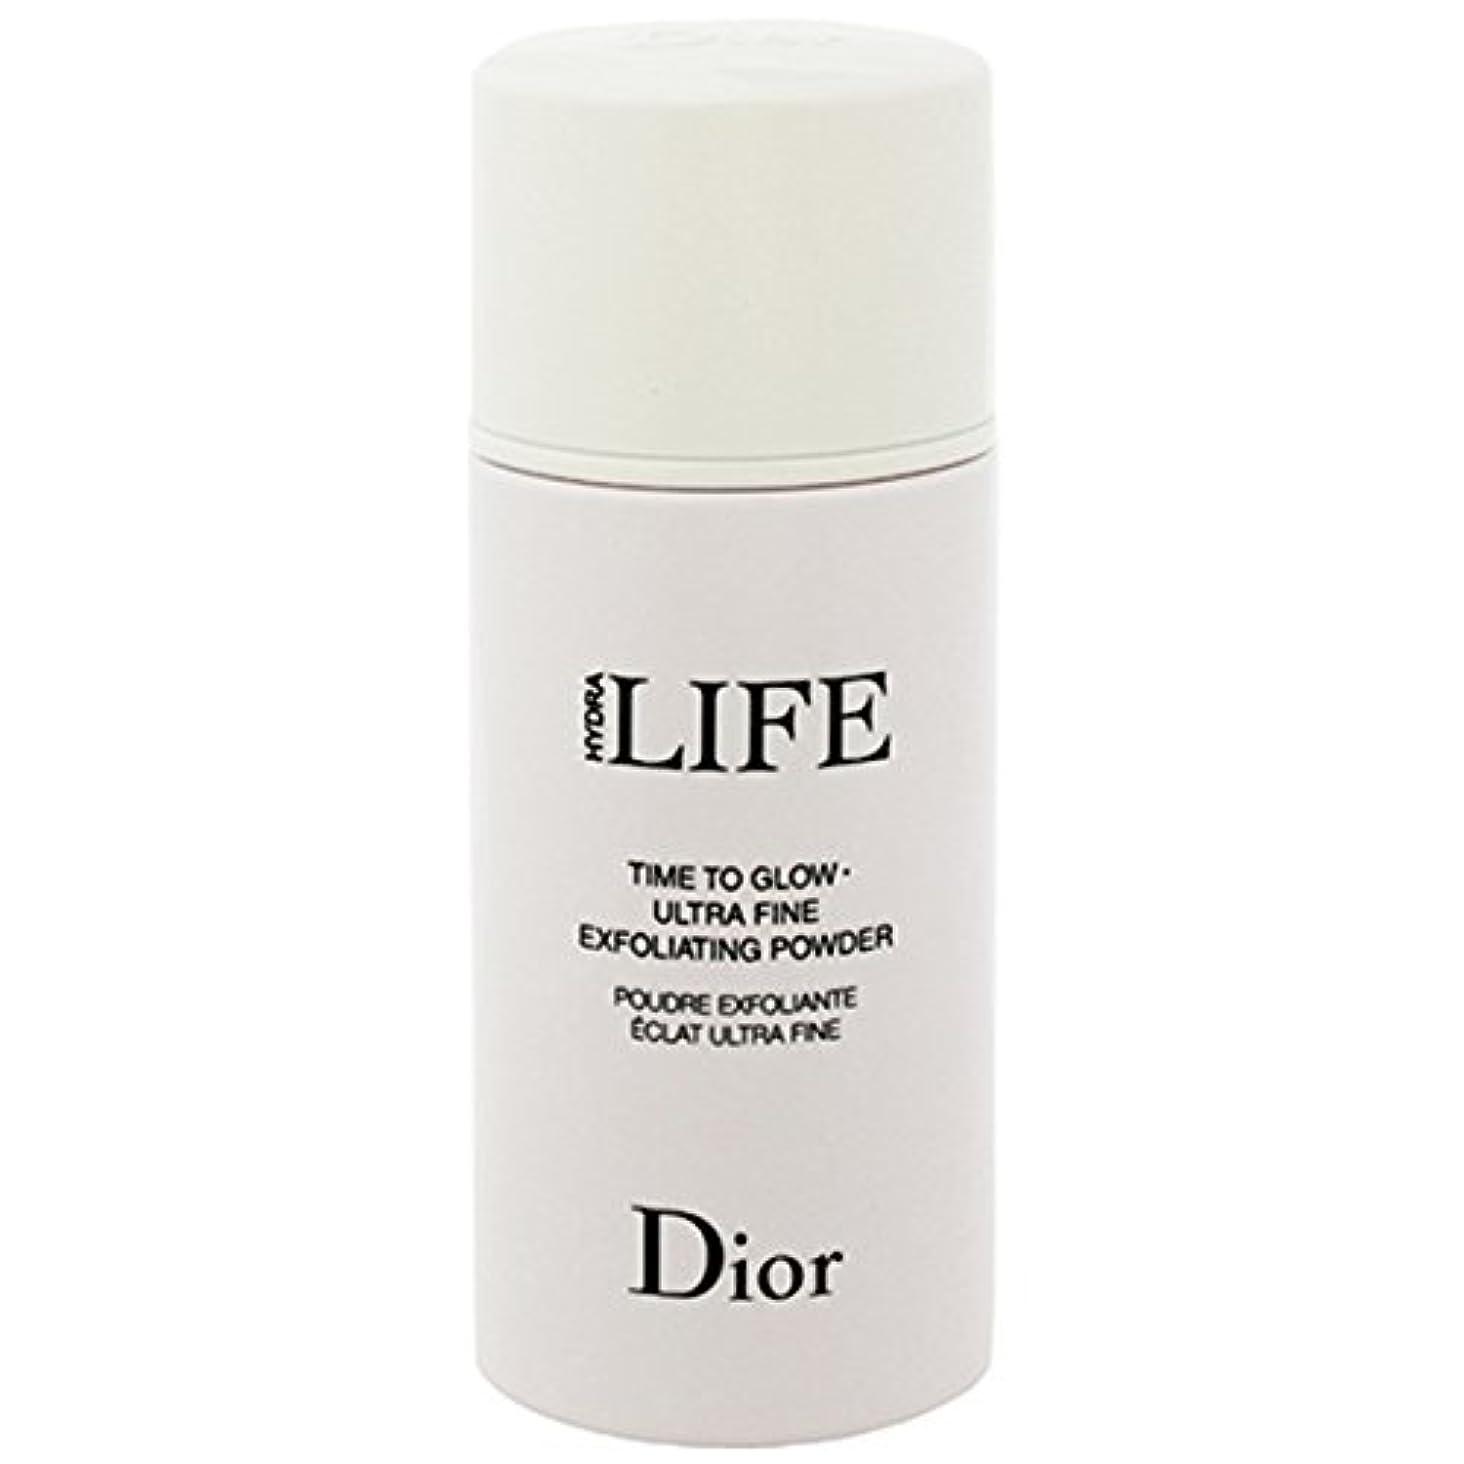 溝見て振る舞いクリスチャンディオール Christian Dior ライフ ポリッシュ パウダー 40g 【並行輸入品】